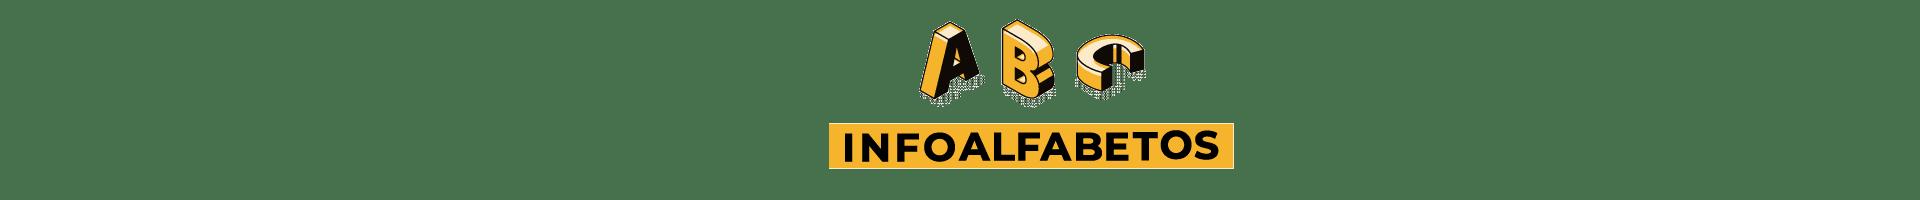 Letras del abecedario / alfabeto